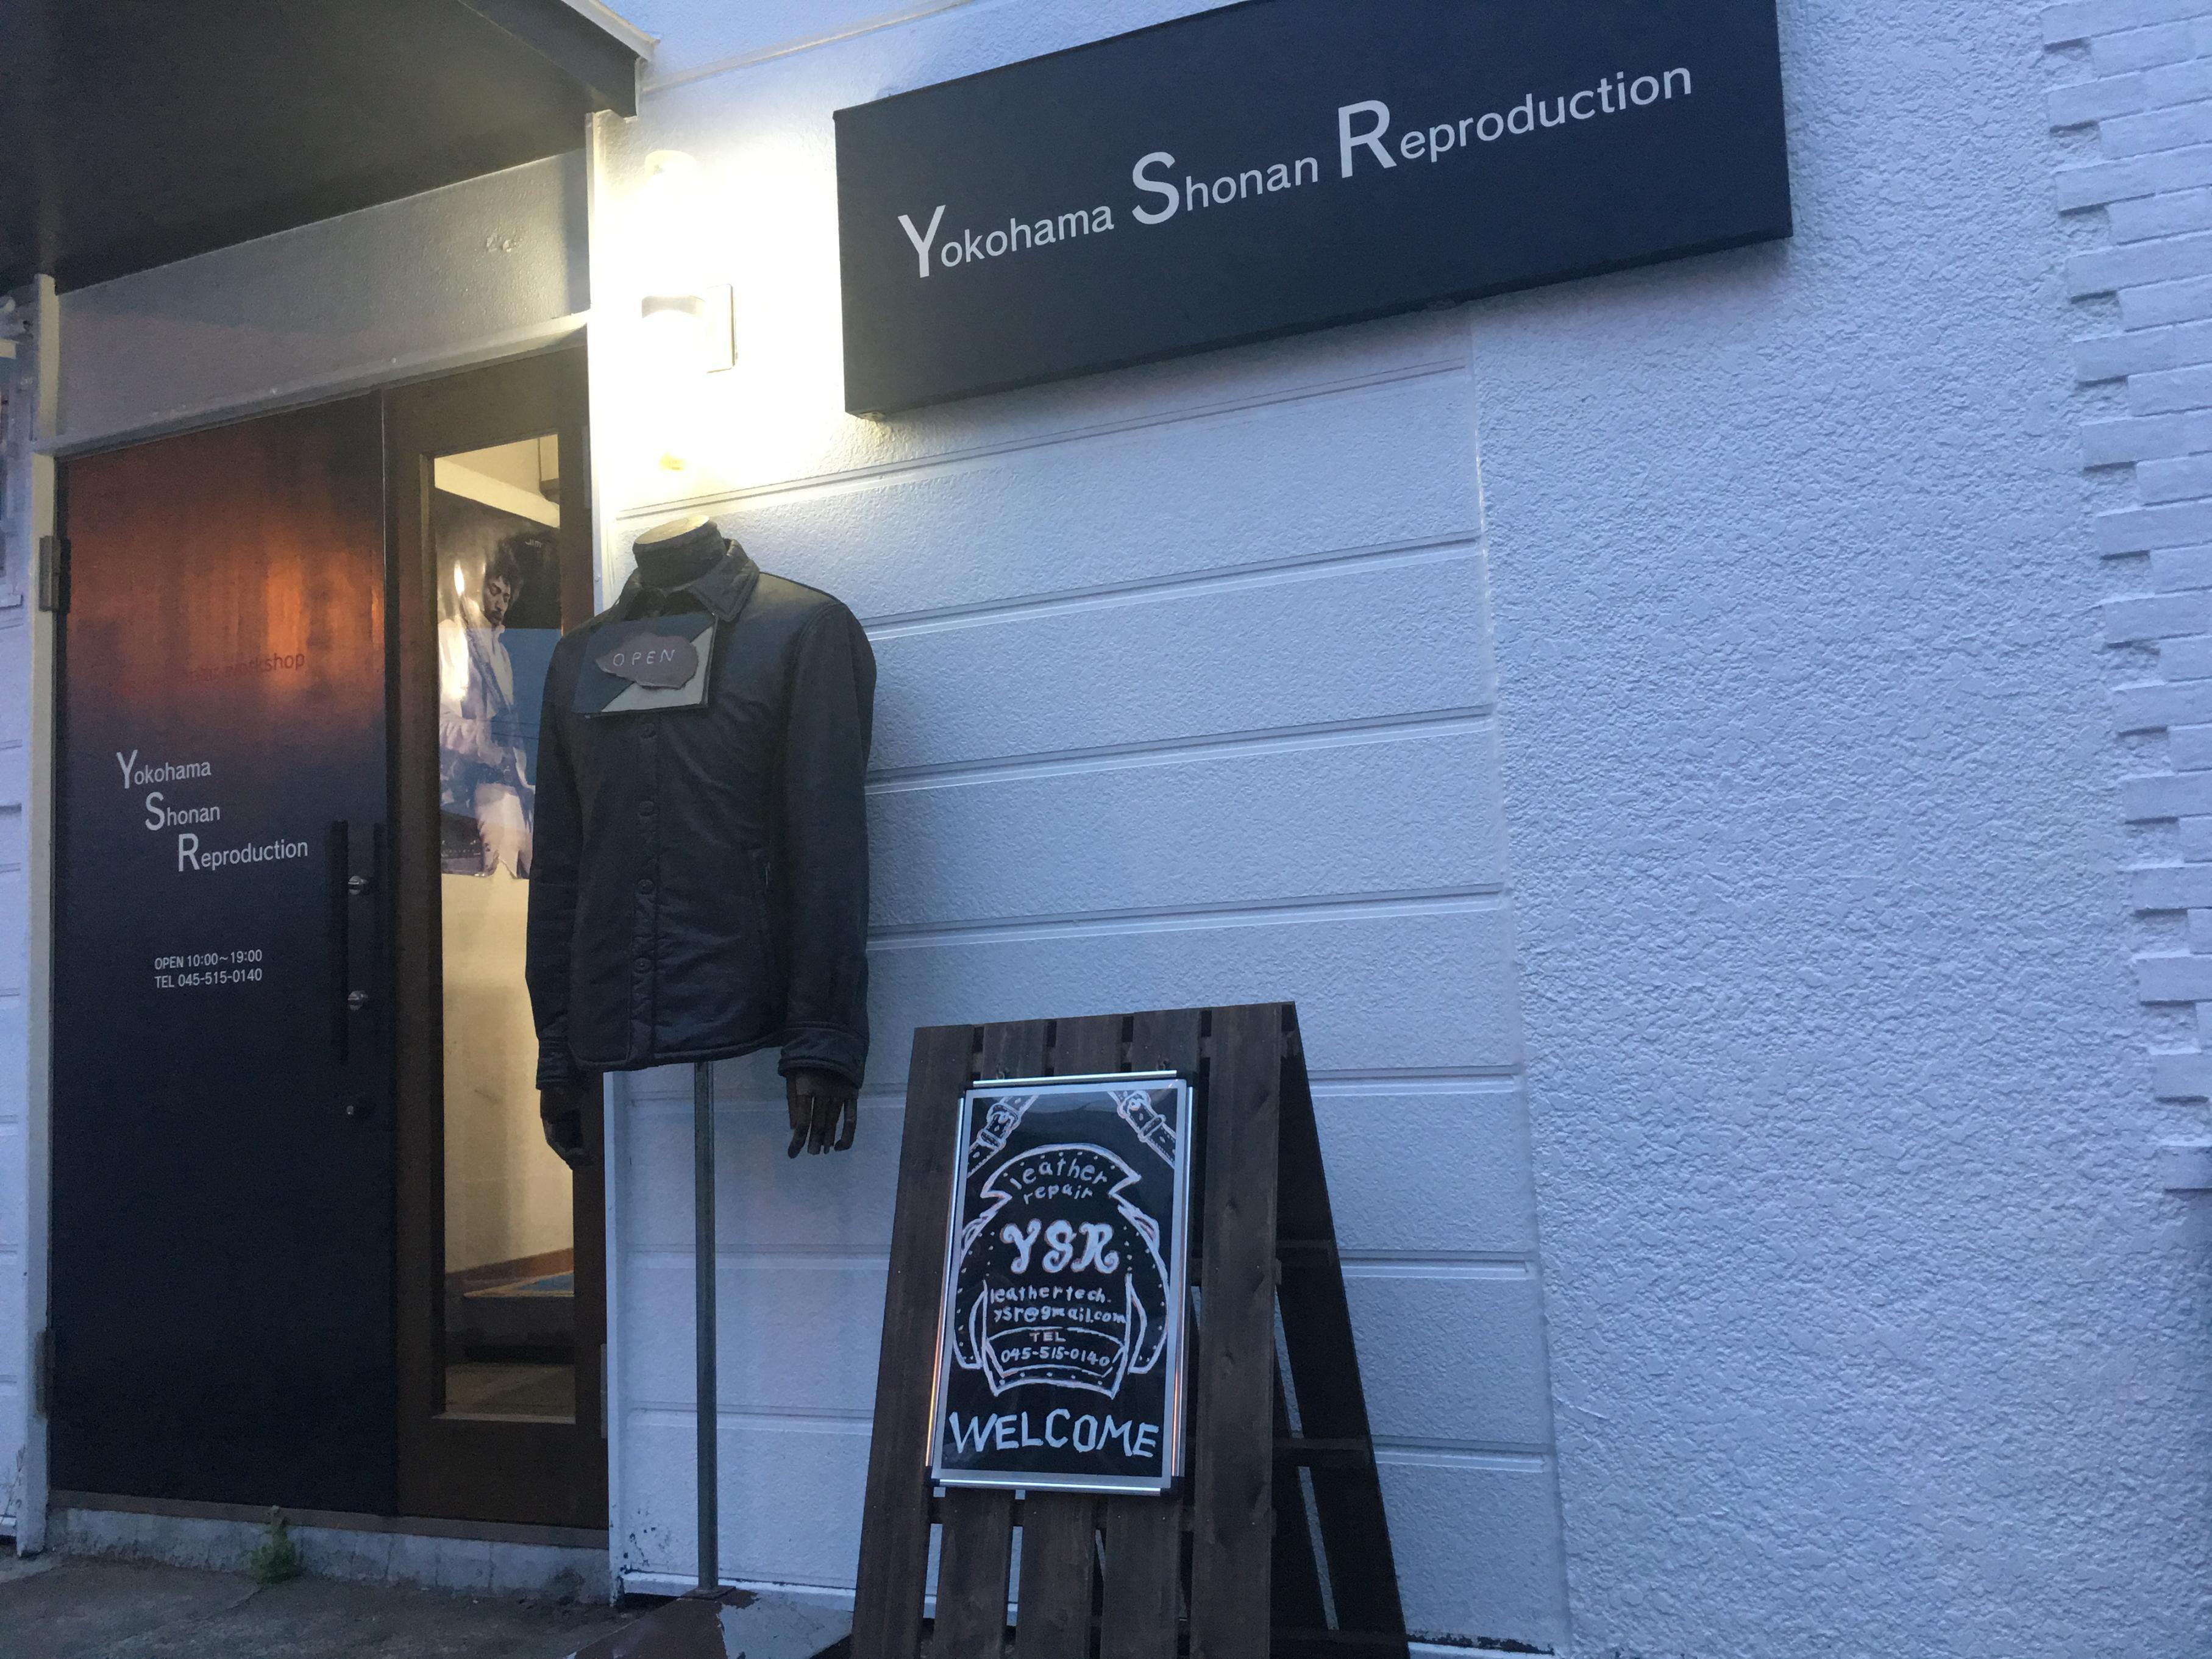 YSR本店の写真 1